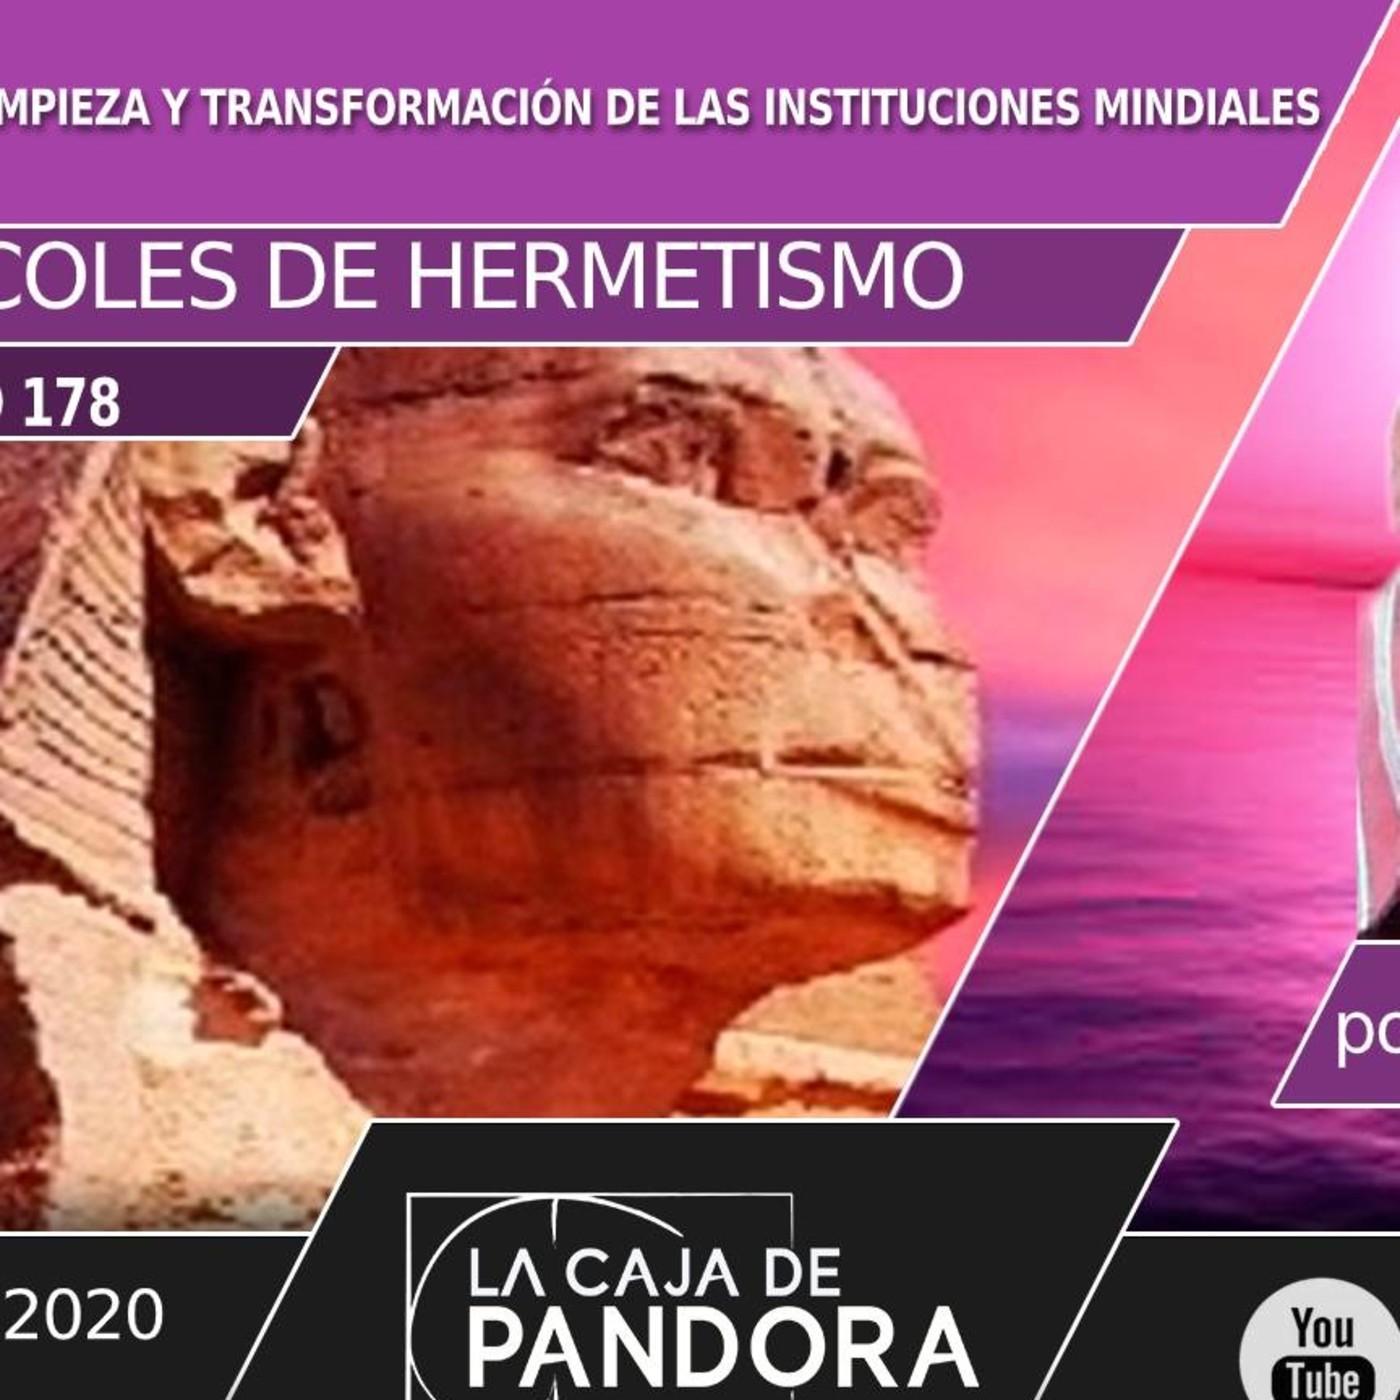 LUNA NUEVA EN VIRGO: LIMPIEZA Y TRANSFORMACIÓN DE LAS INSTITUCIONES MUNDIALES, por Juan Carlos Pons López